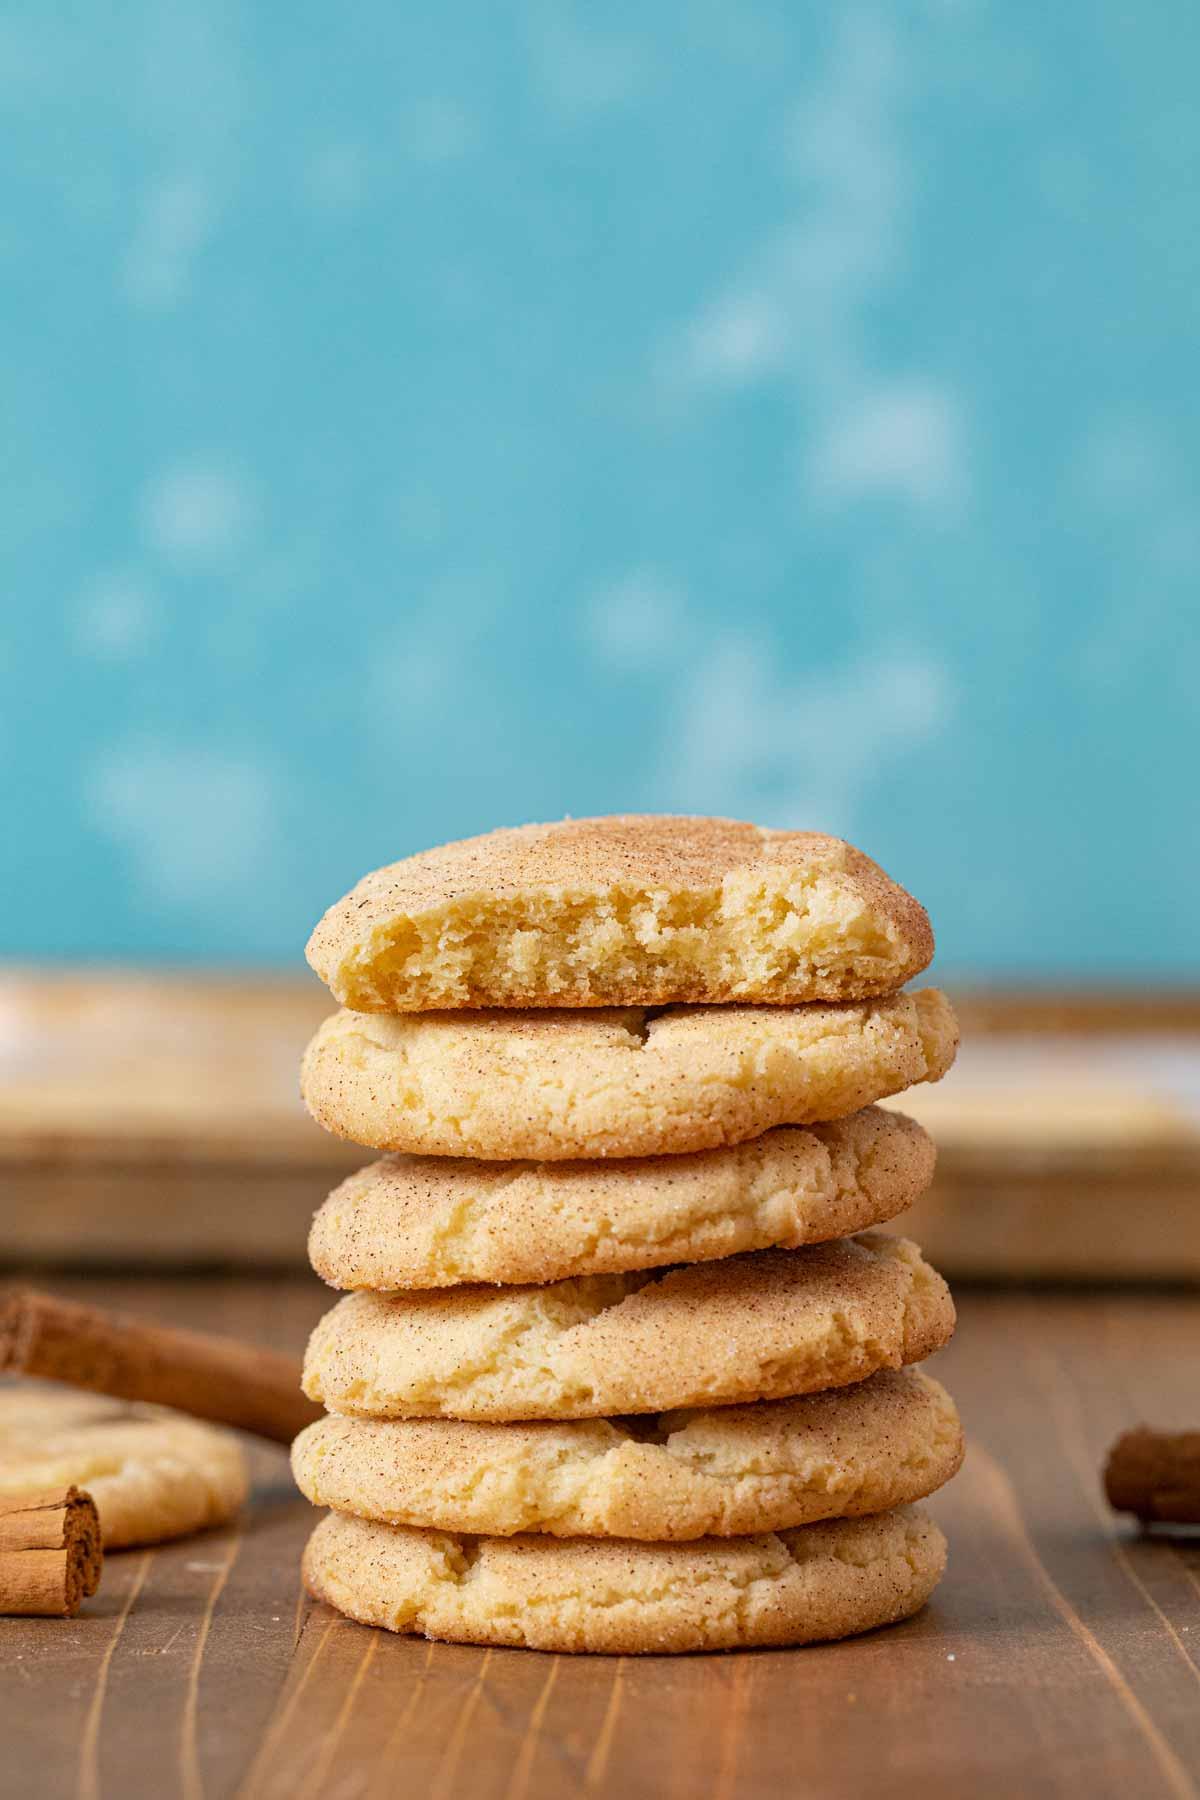 Snickerdoodle Cookies in stack